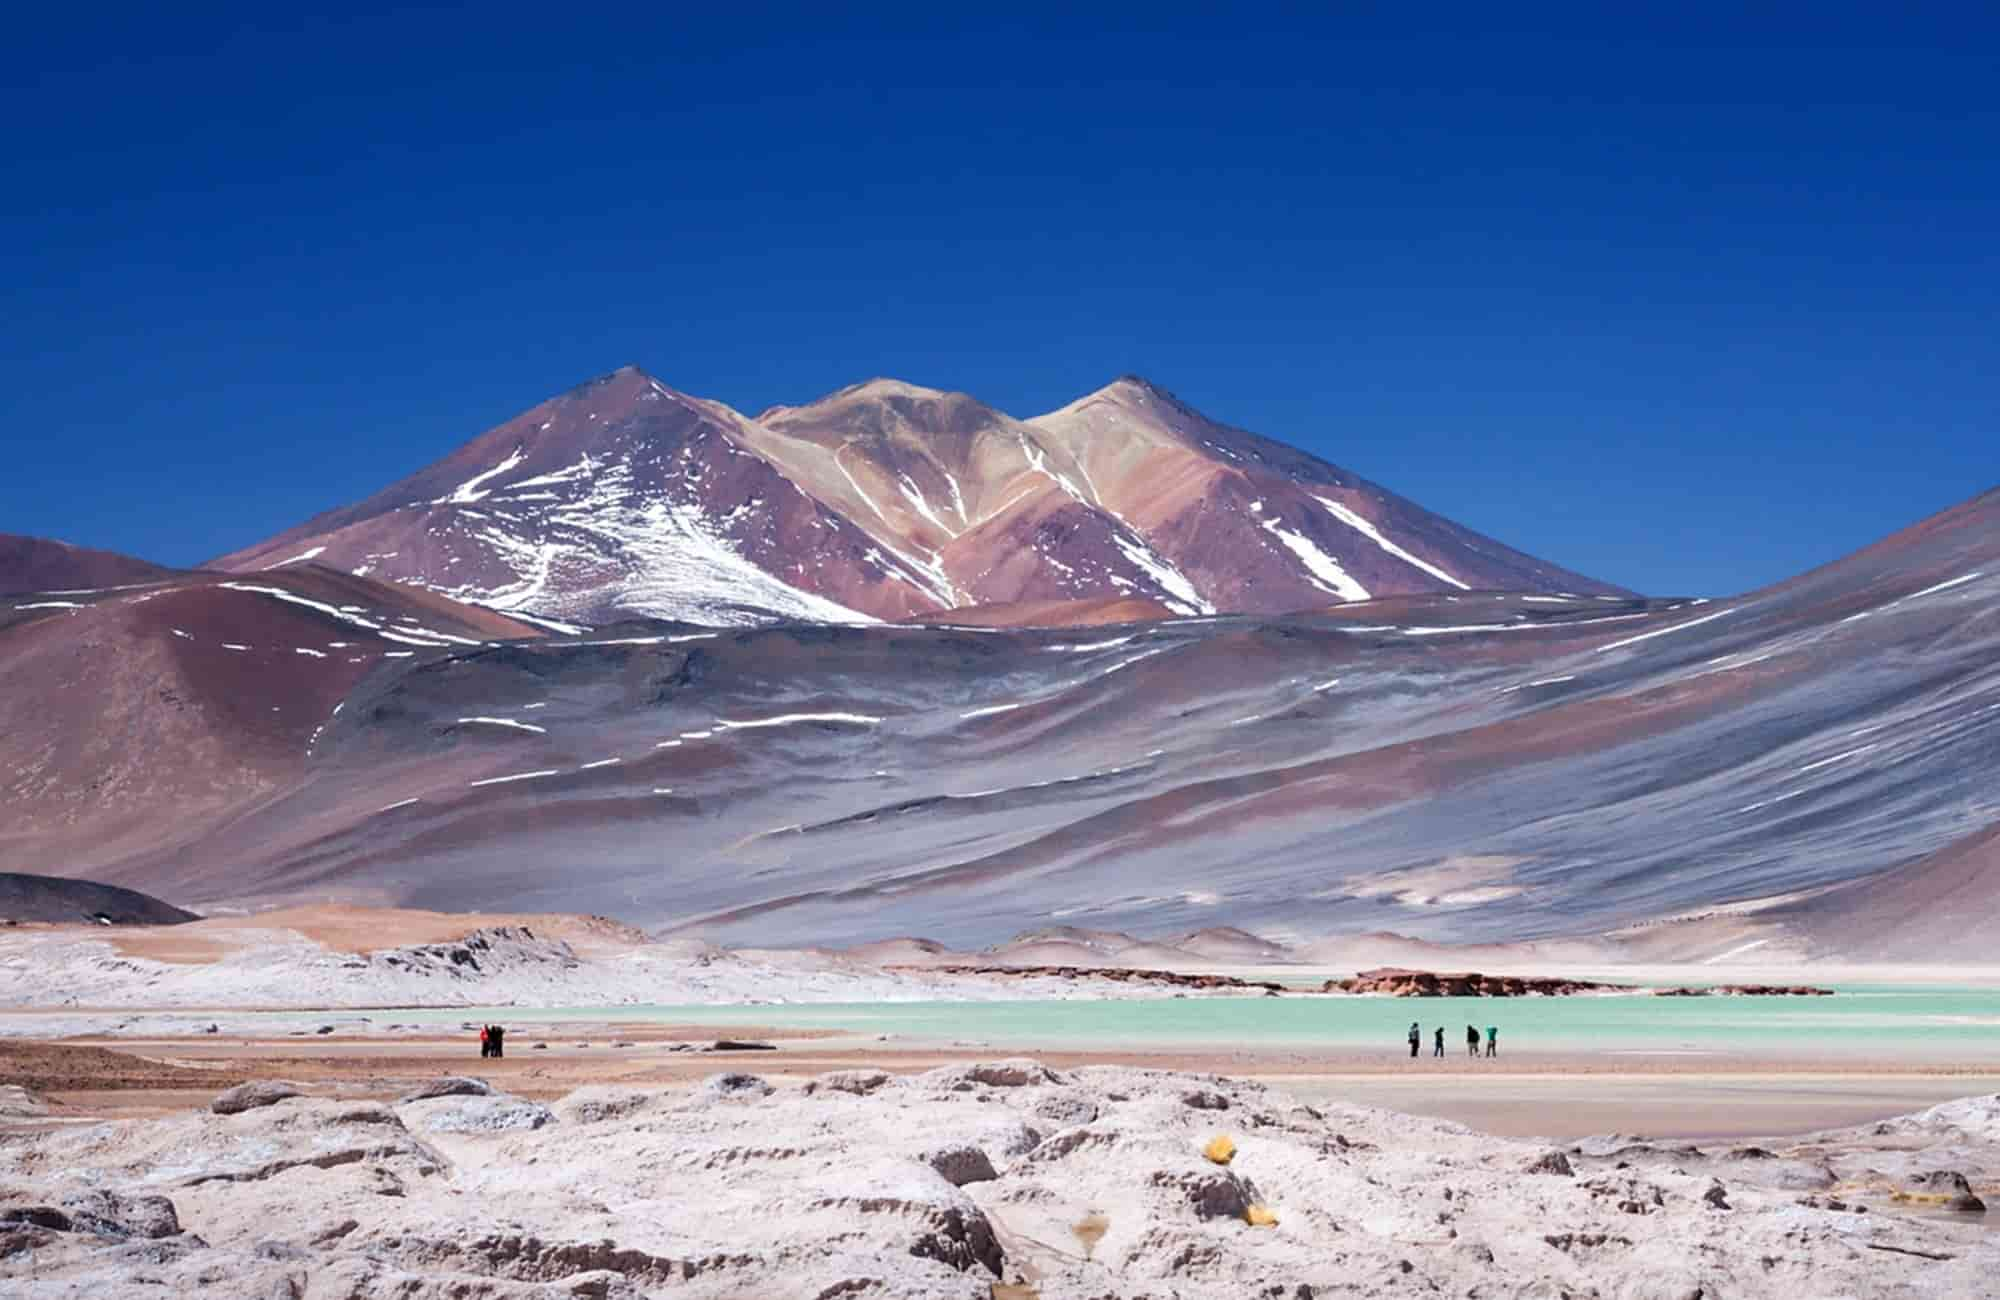 Voyage au Chili - Désert Atacama - Amplitudes